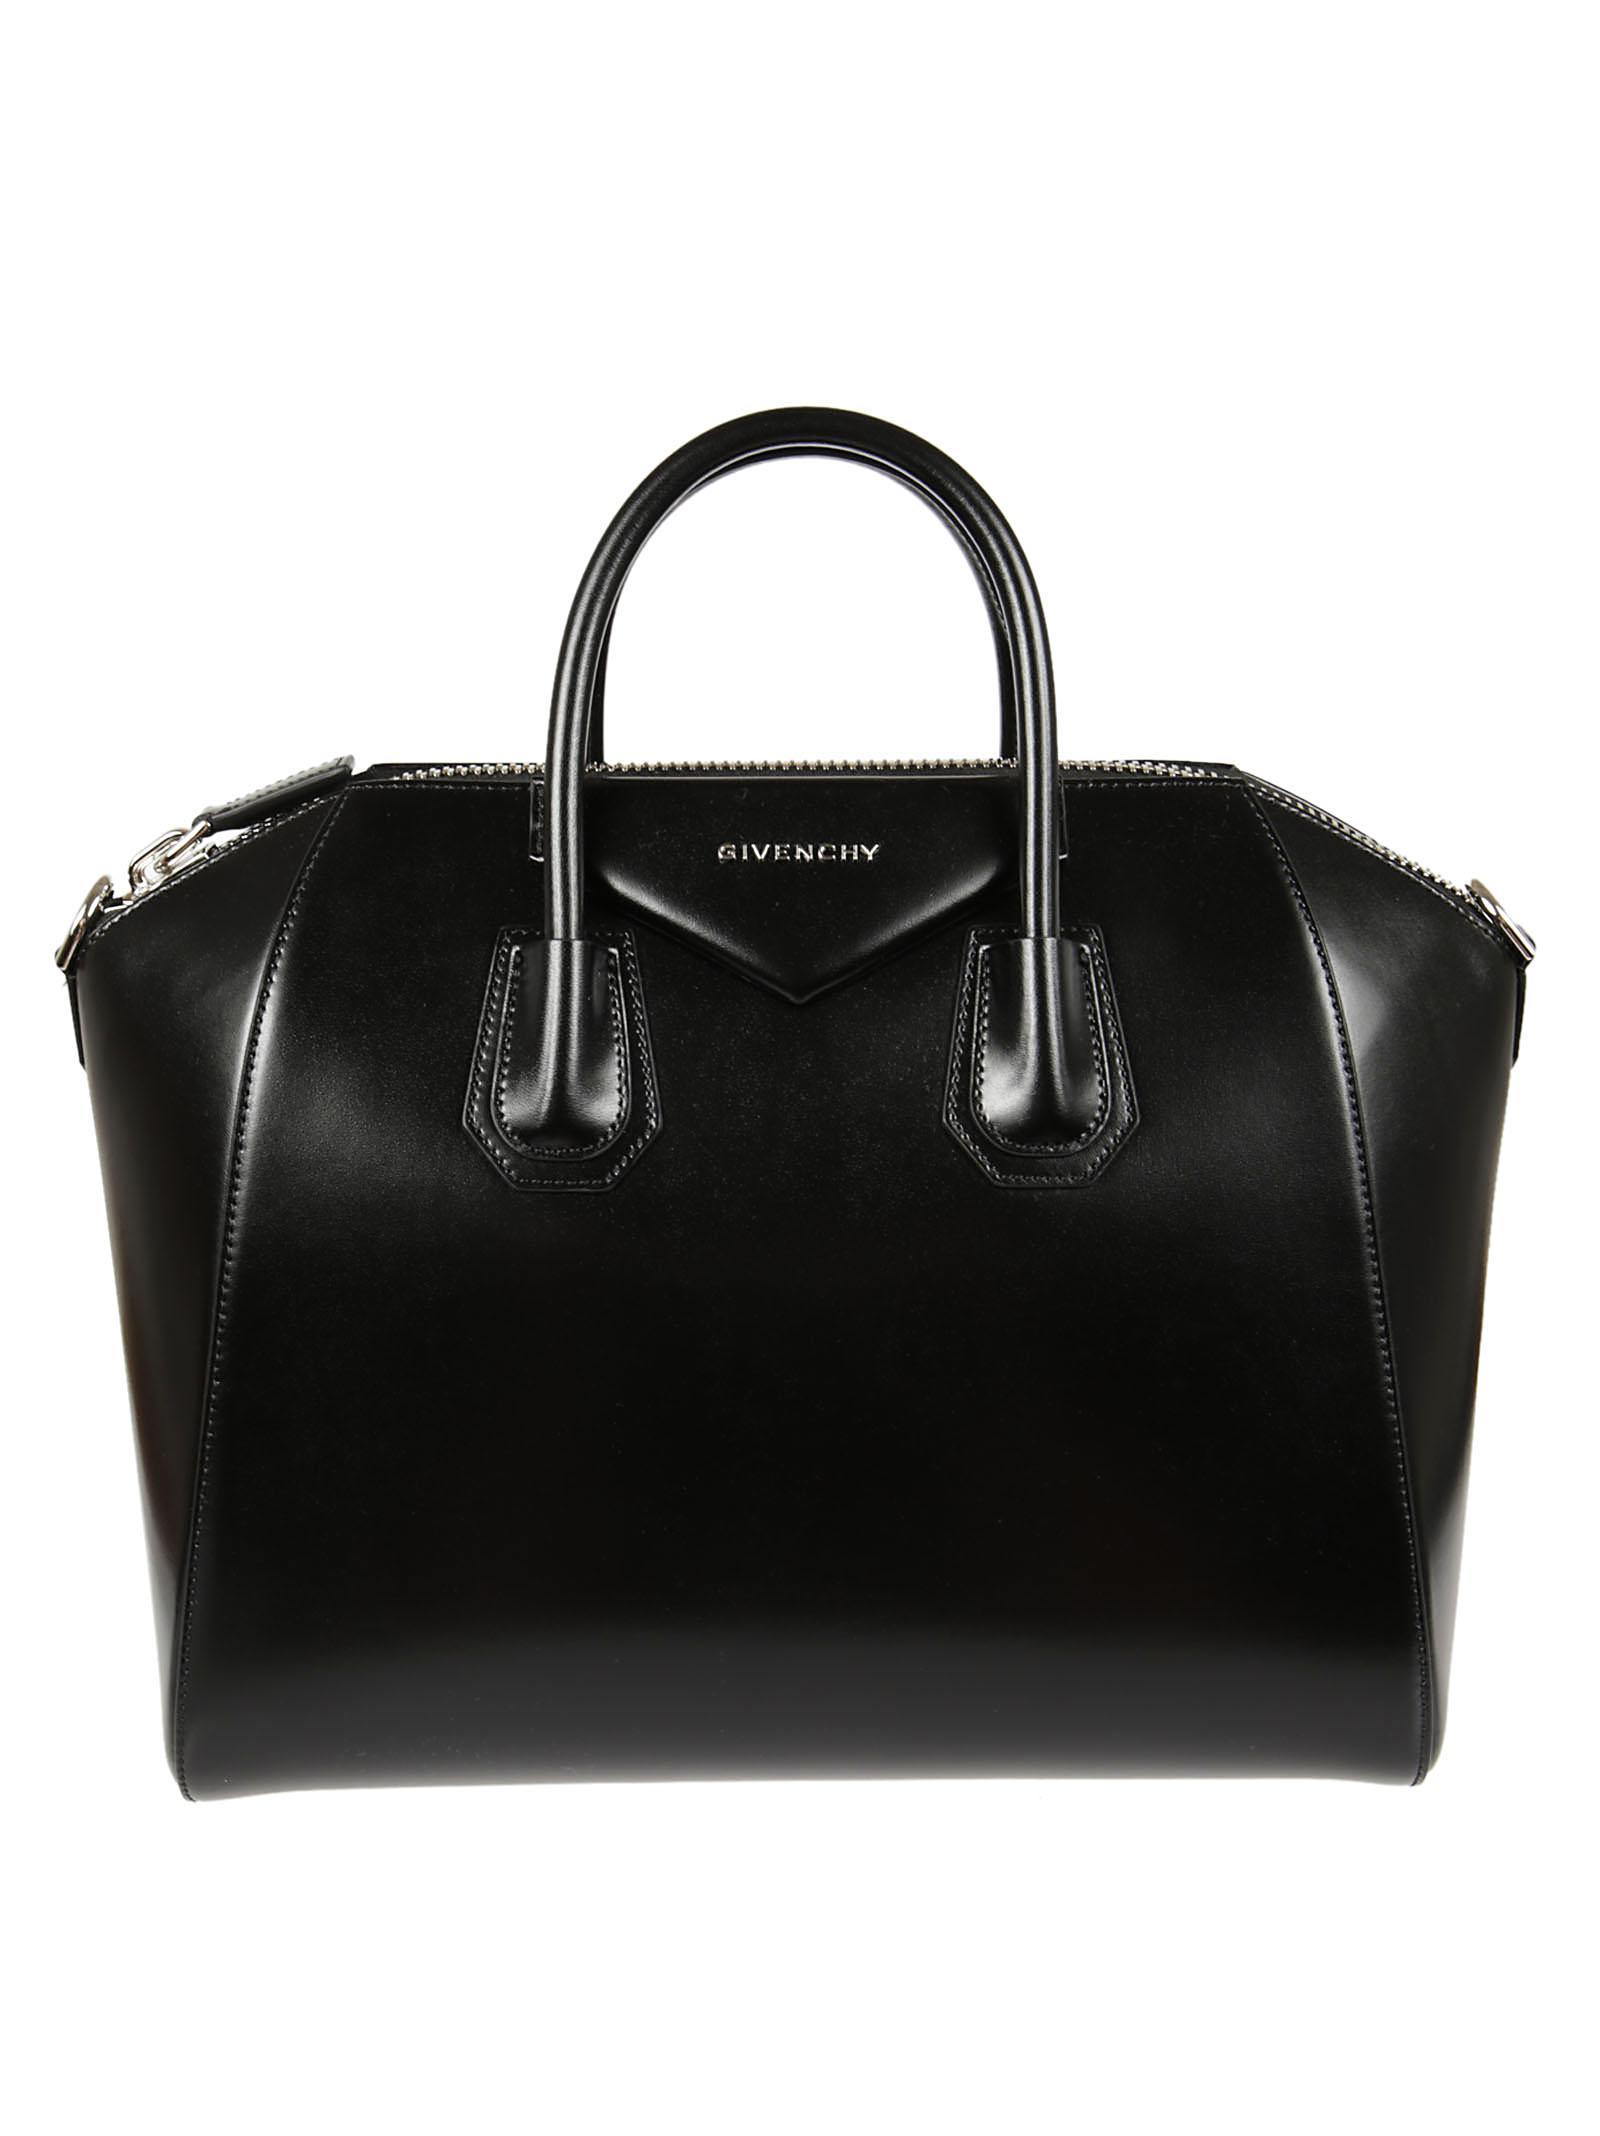 5c2f305167a8 Lyst - Givenchy Antigona Bag in Black